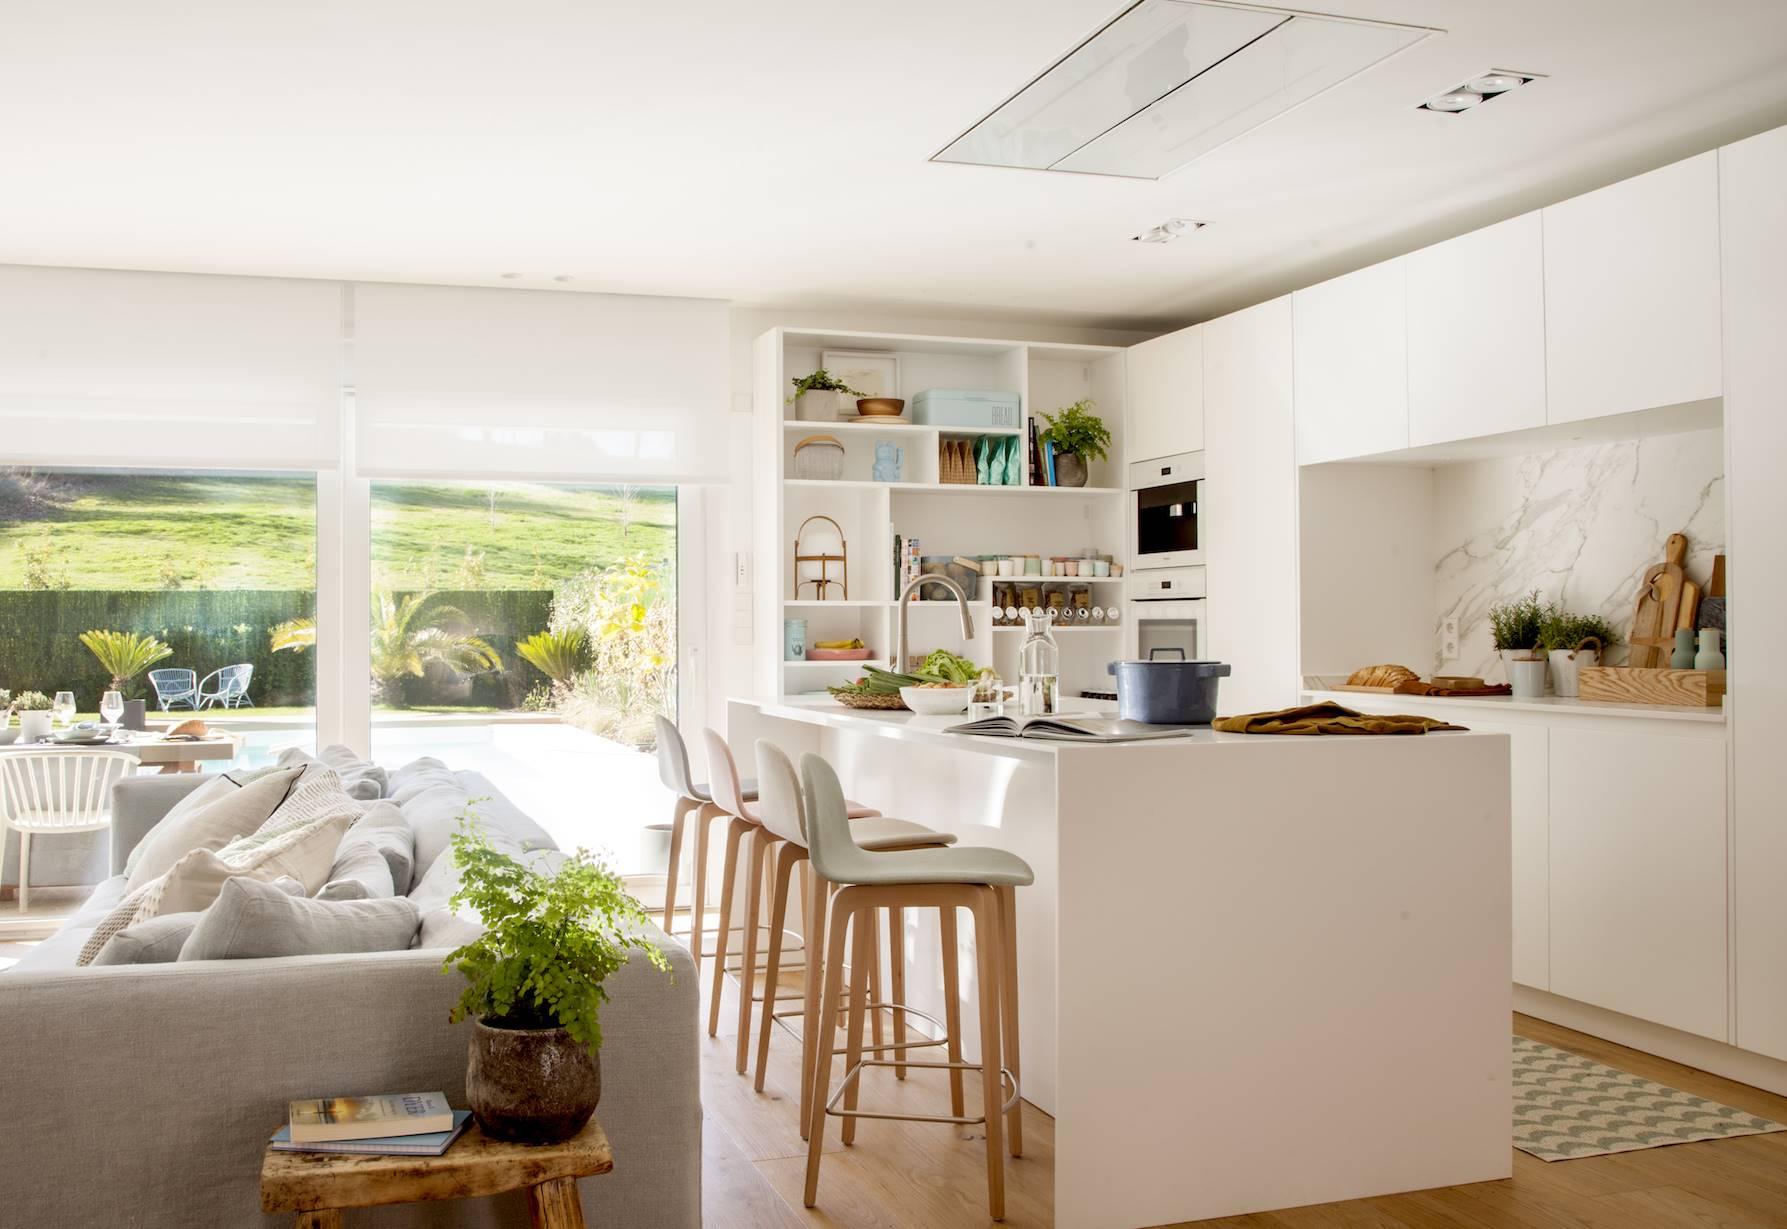 cocina blanca abierta sin tiradores ni campana 00503791 O. ABRE ESPACIOS E INTEGRA